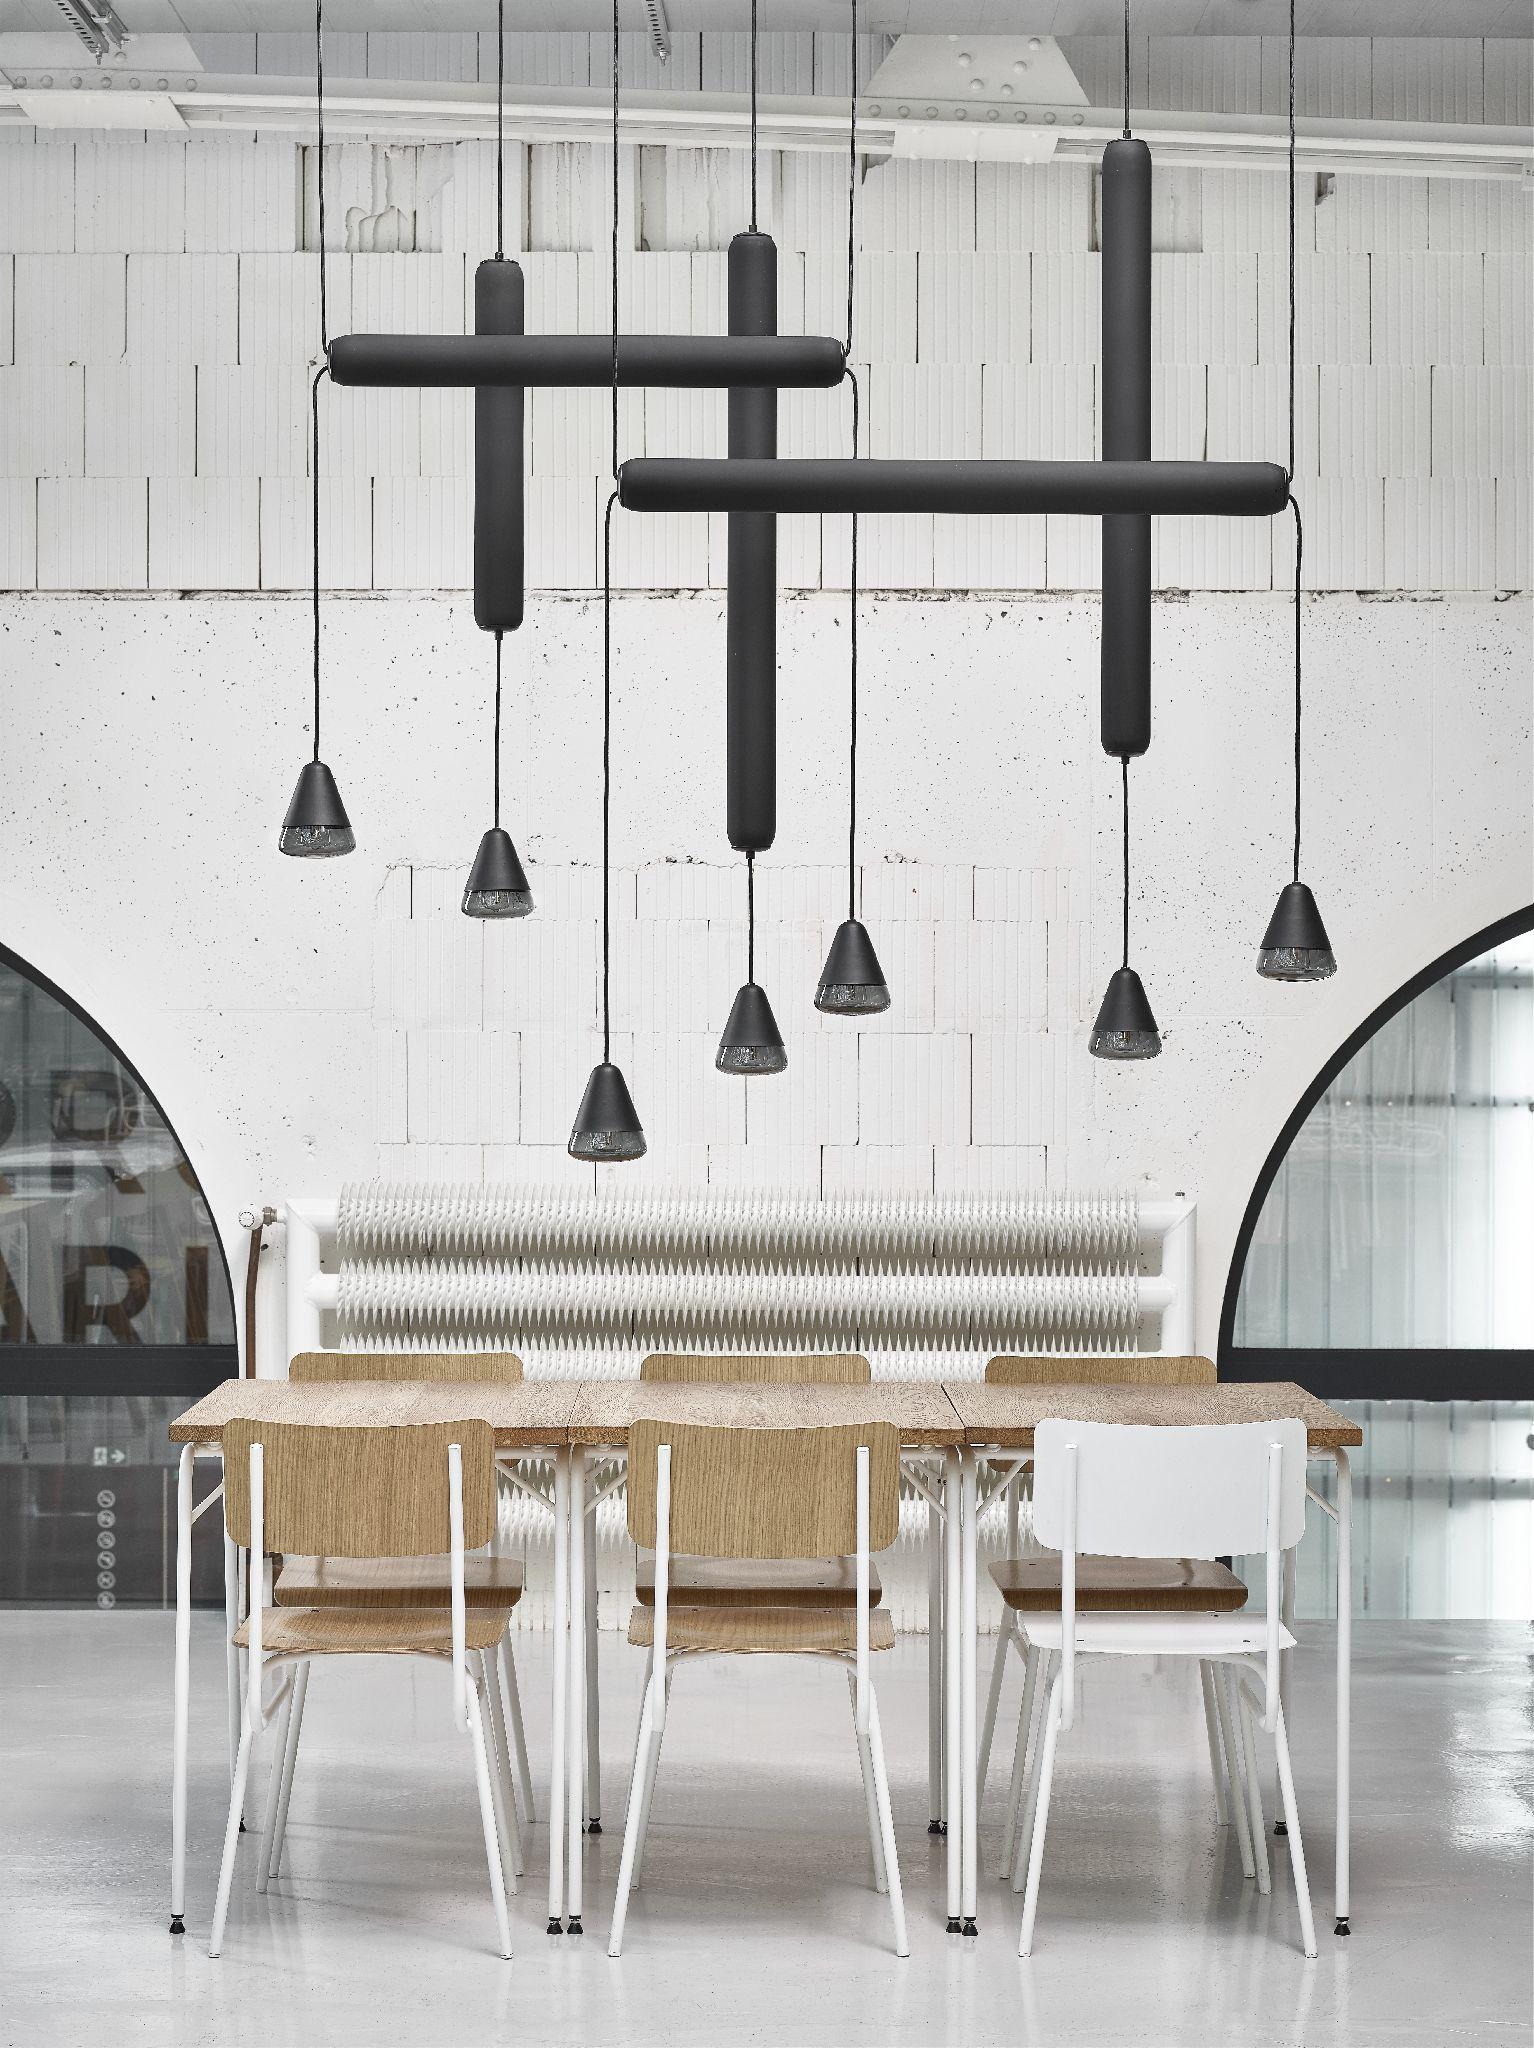 brokis - lights - design - interior. new collection puro by lucie, Wohnzimmer dekoo